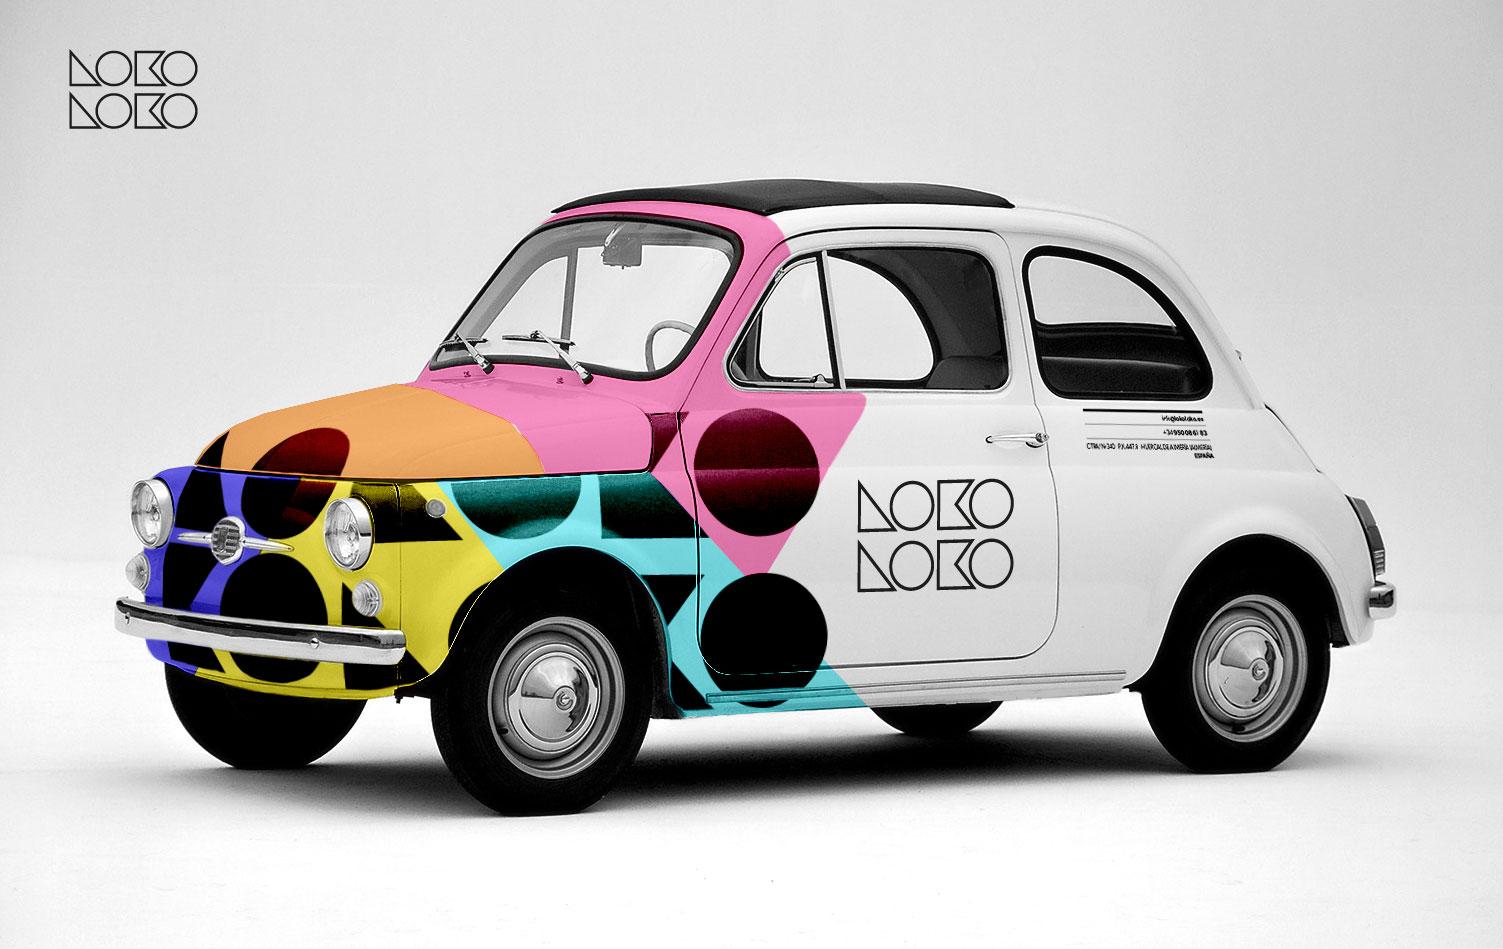 Lokoloko nueva imagen garaje grafico for Logos de garajes